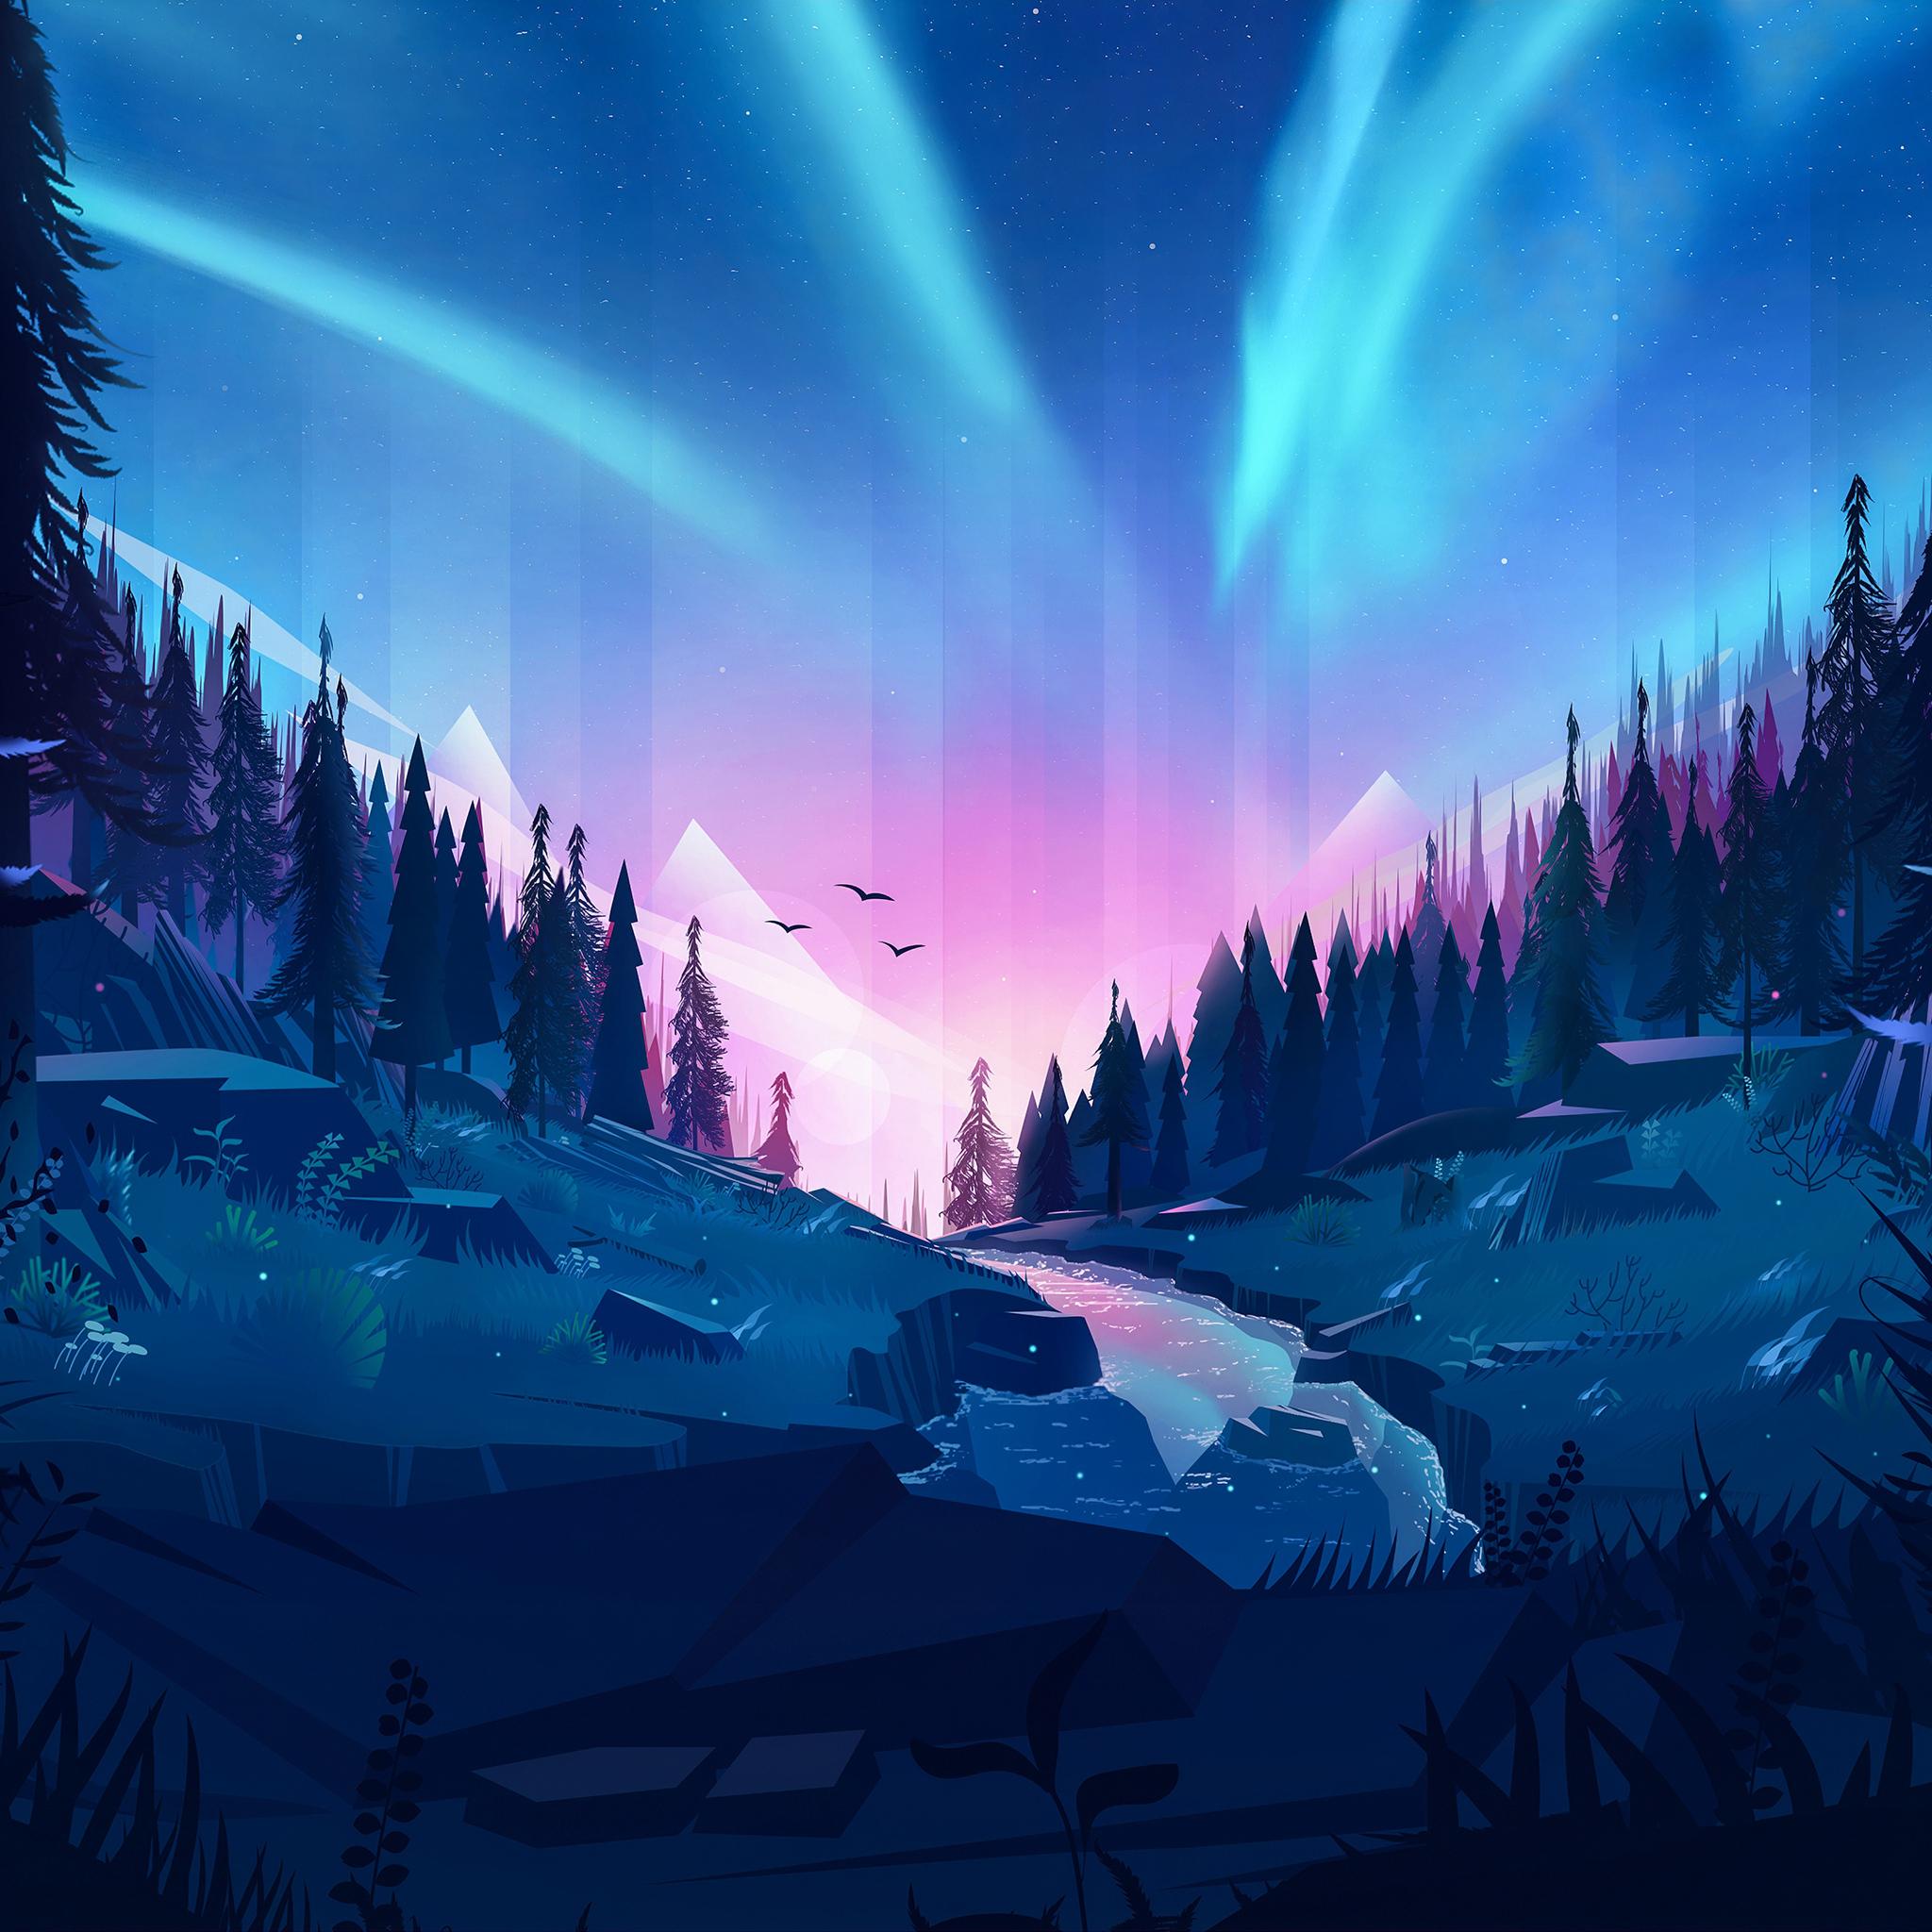 auroral-forest-4k-illustration-h0.jpg